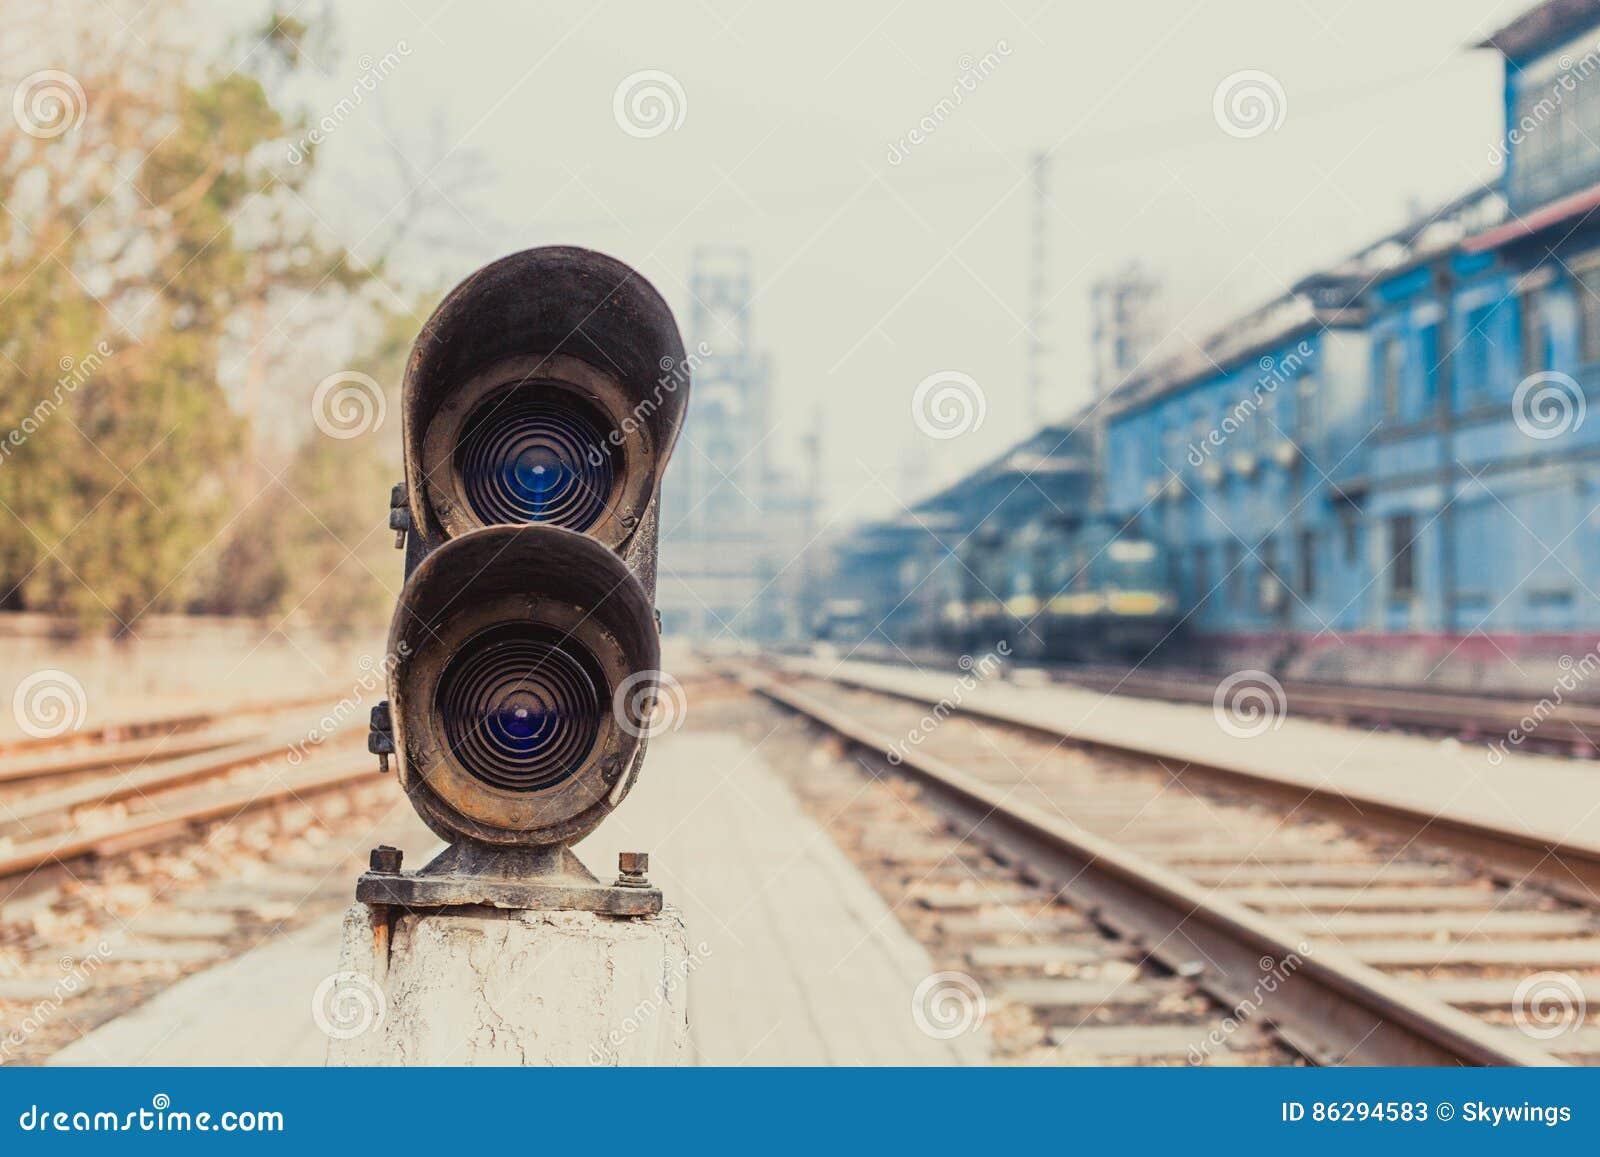 Ao lado das luzes da trilha de estrada de ferro